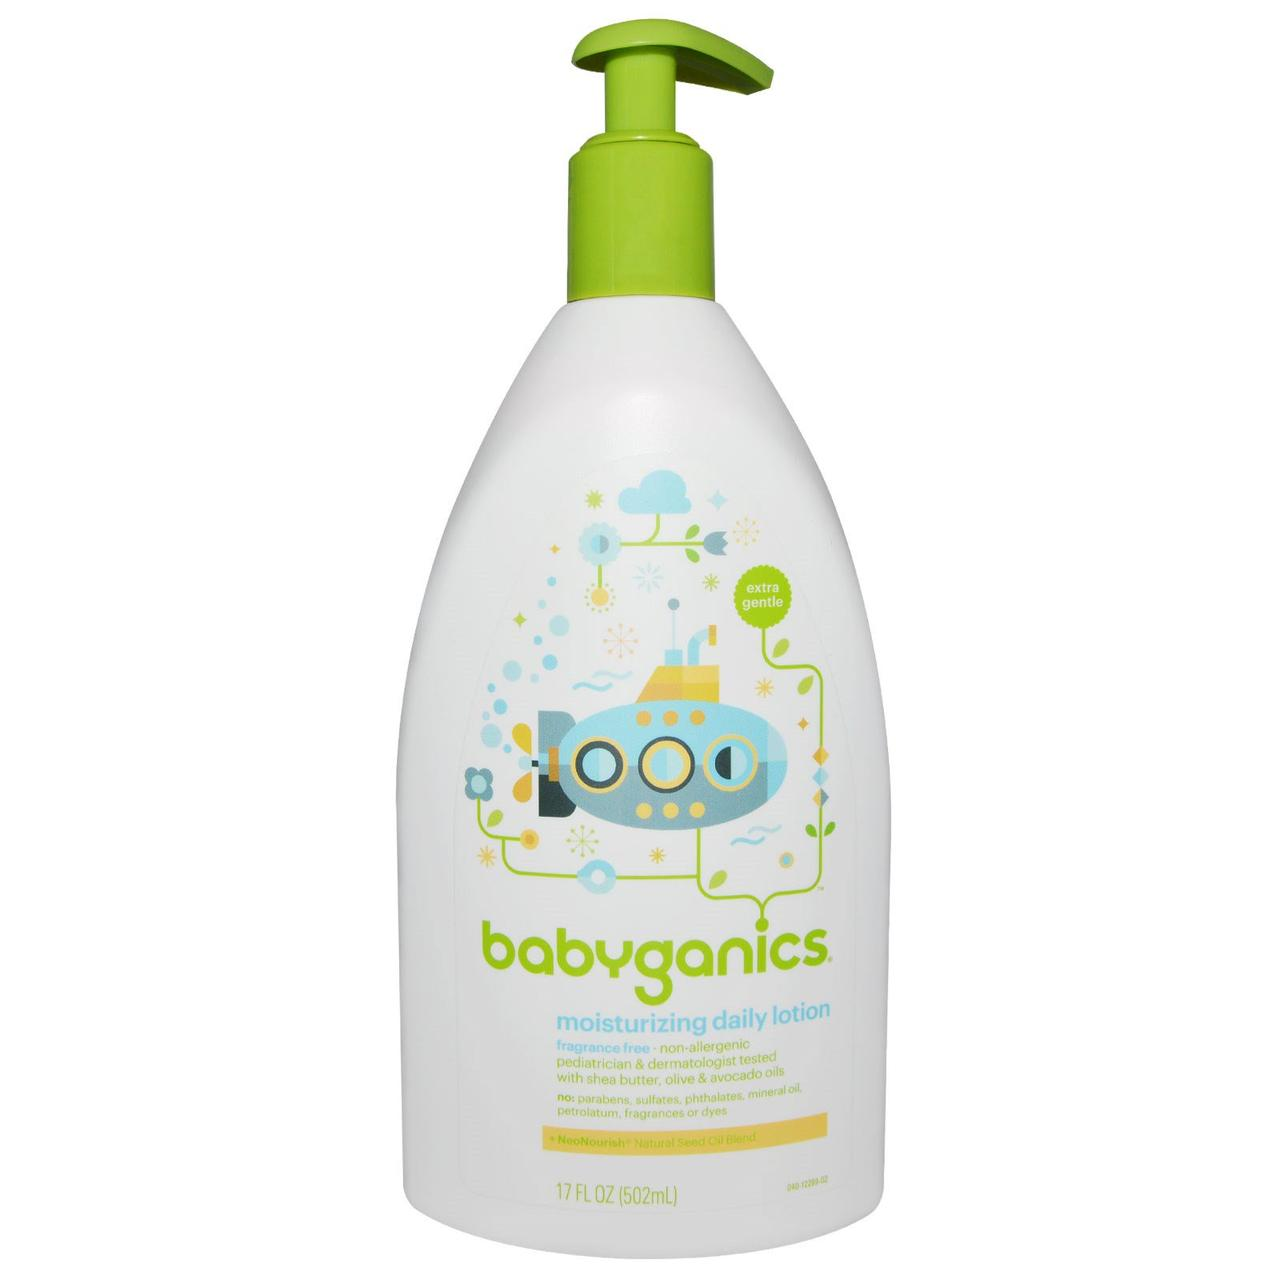 BabyGanics, Особо мягкий, увлажняющий лосьон для ежедневного использования, без отдушек, 17 жидких унций (502 мл)